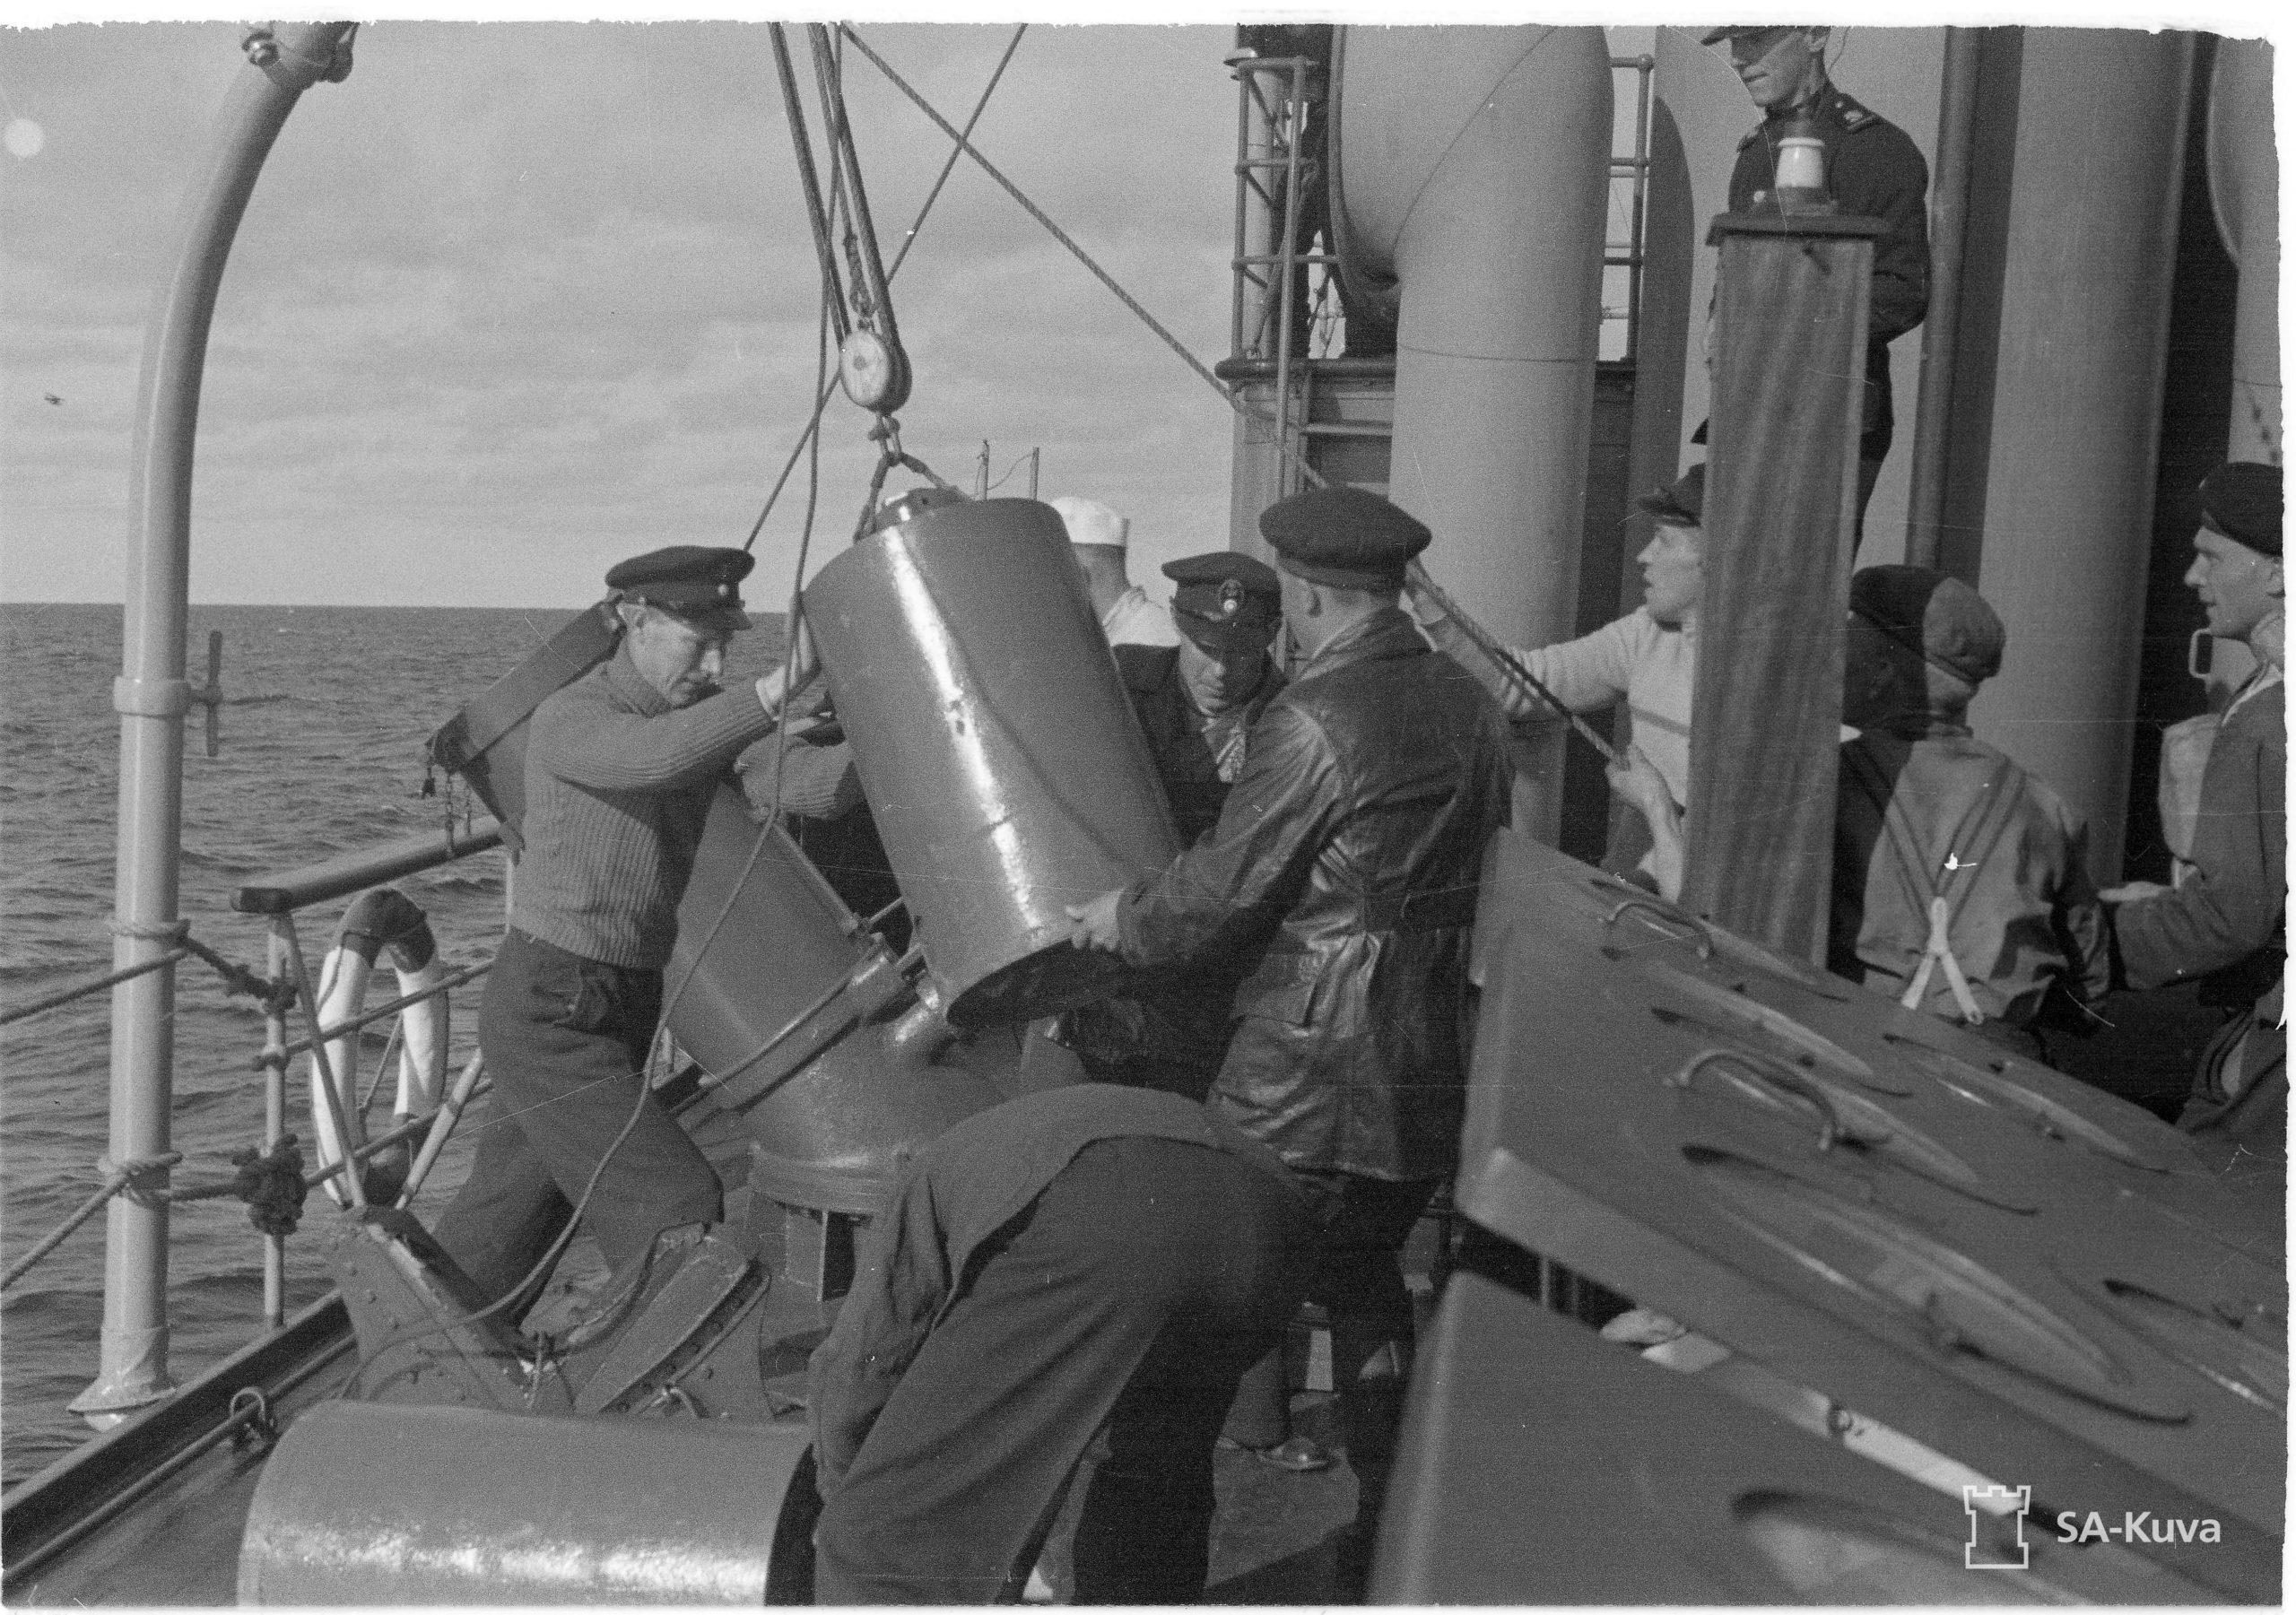 Ahvenanmerellä: pommien käsittelyä. Kuva: L Zilliacus. SA-kuva.